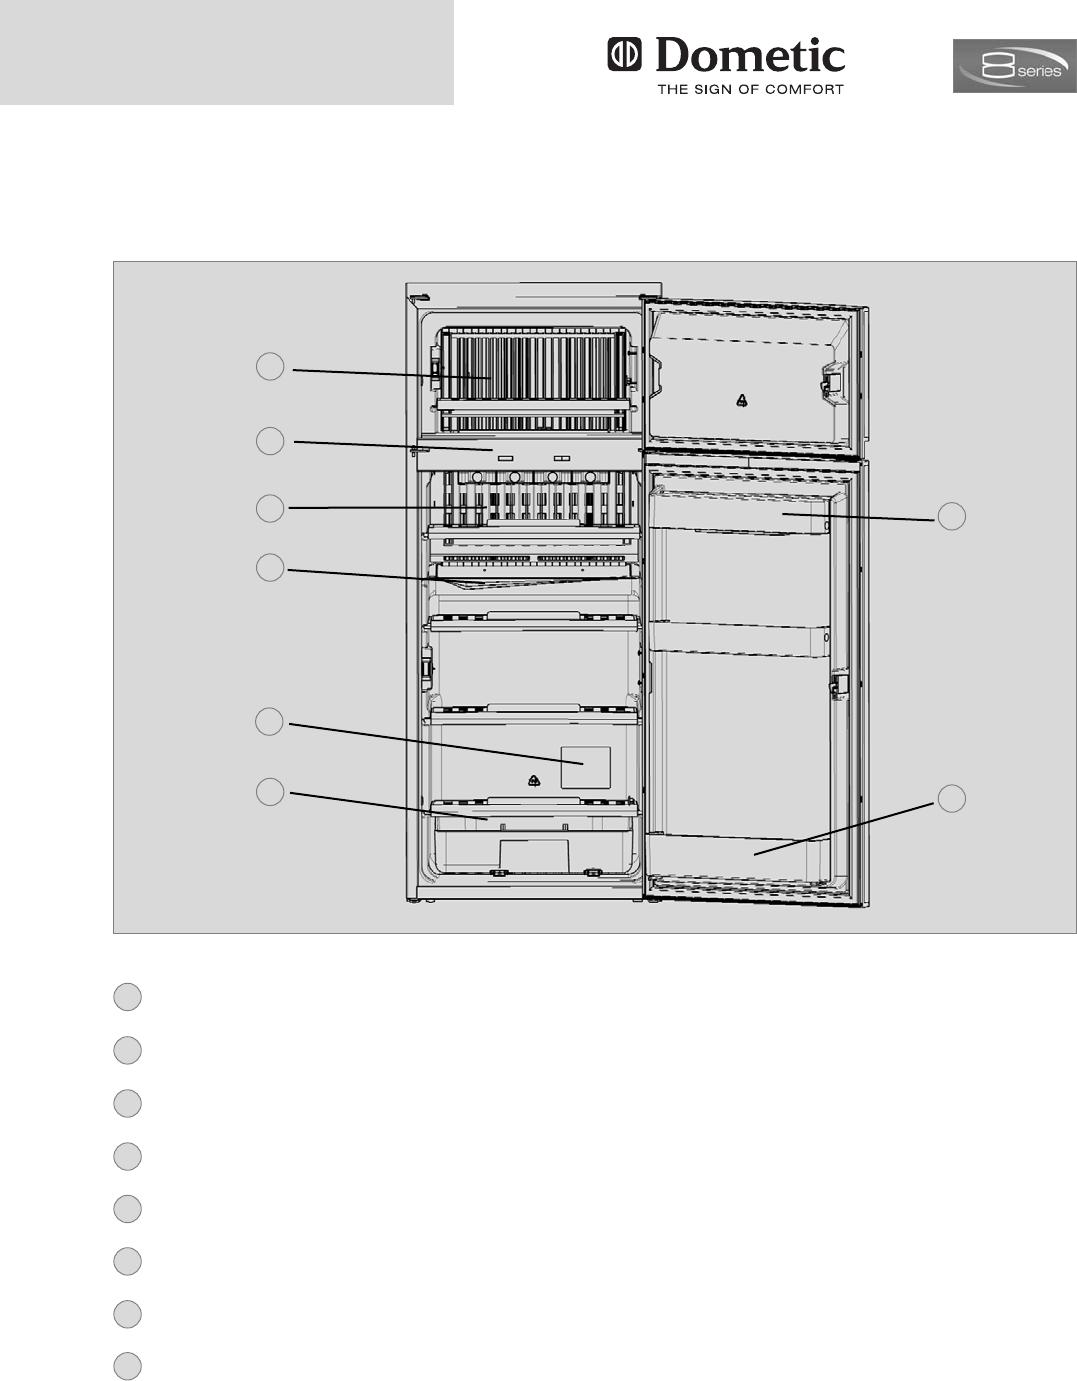 bedienungsanleitung dometic rmd 8505 seite 12 von 26. Black Bedroom Furniture Sets. Home Design Ideas